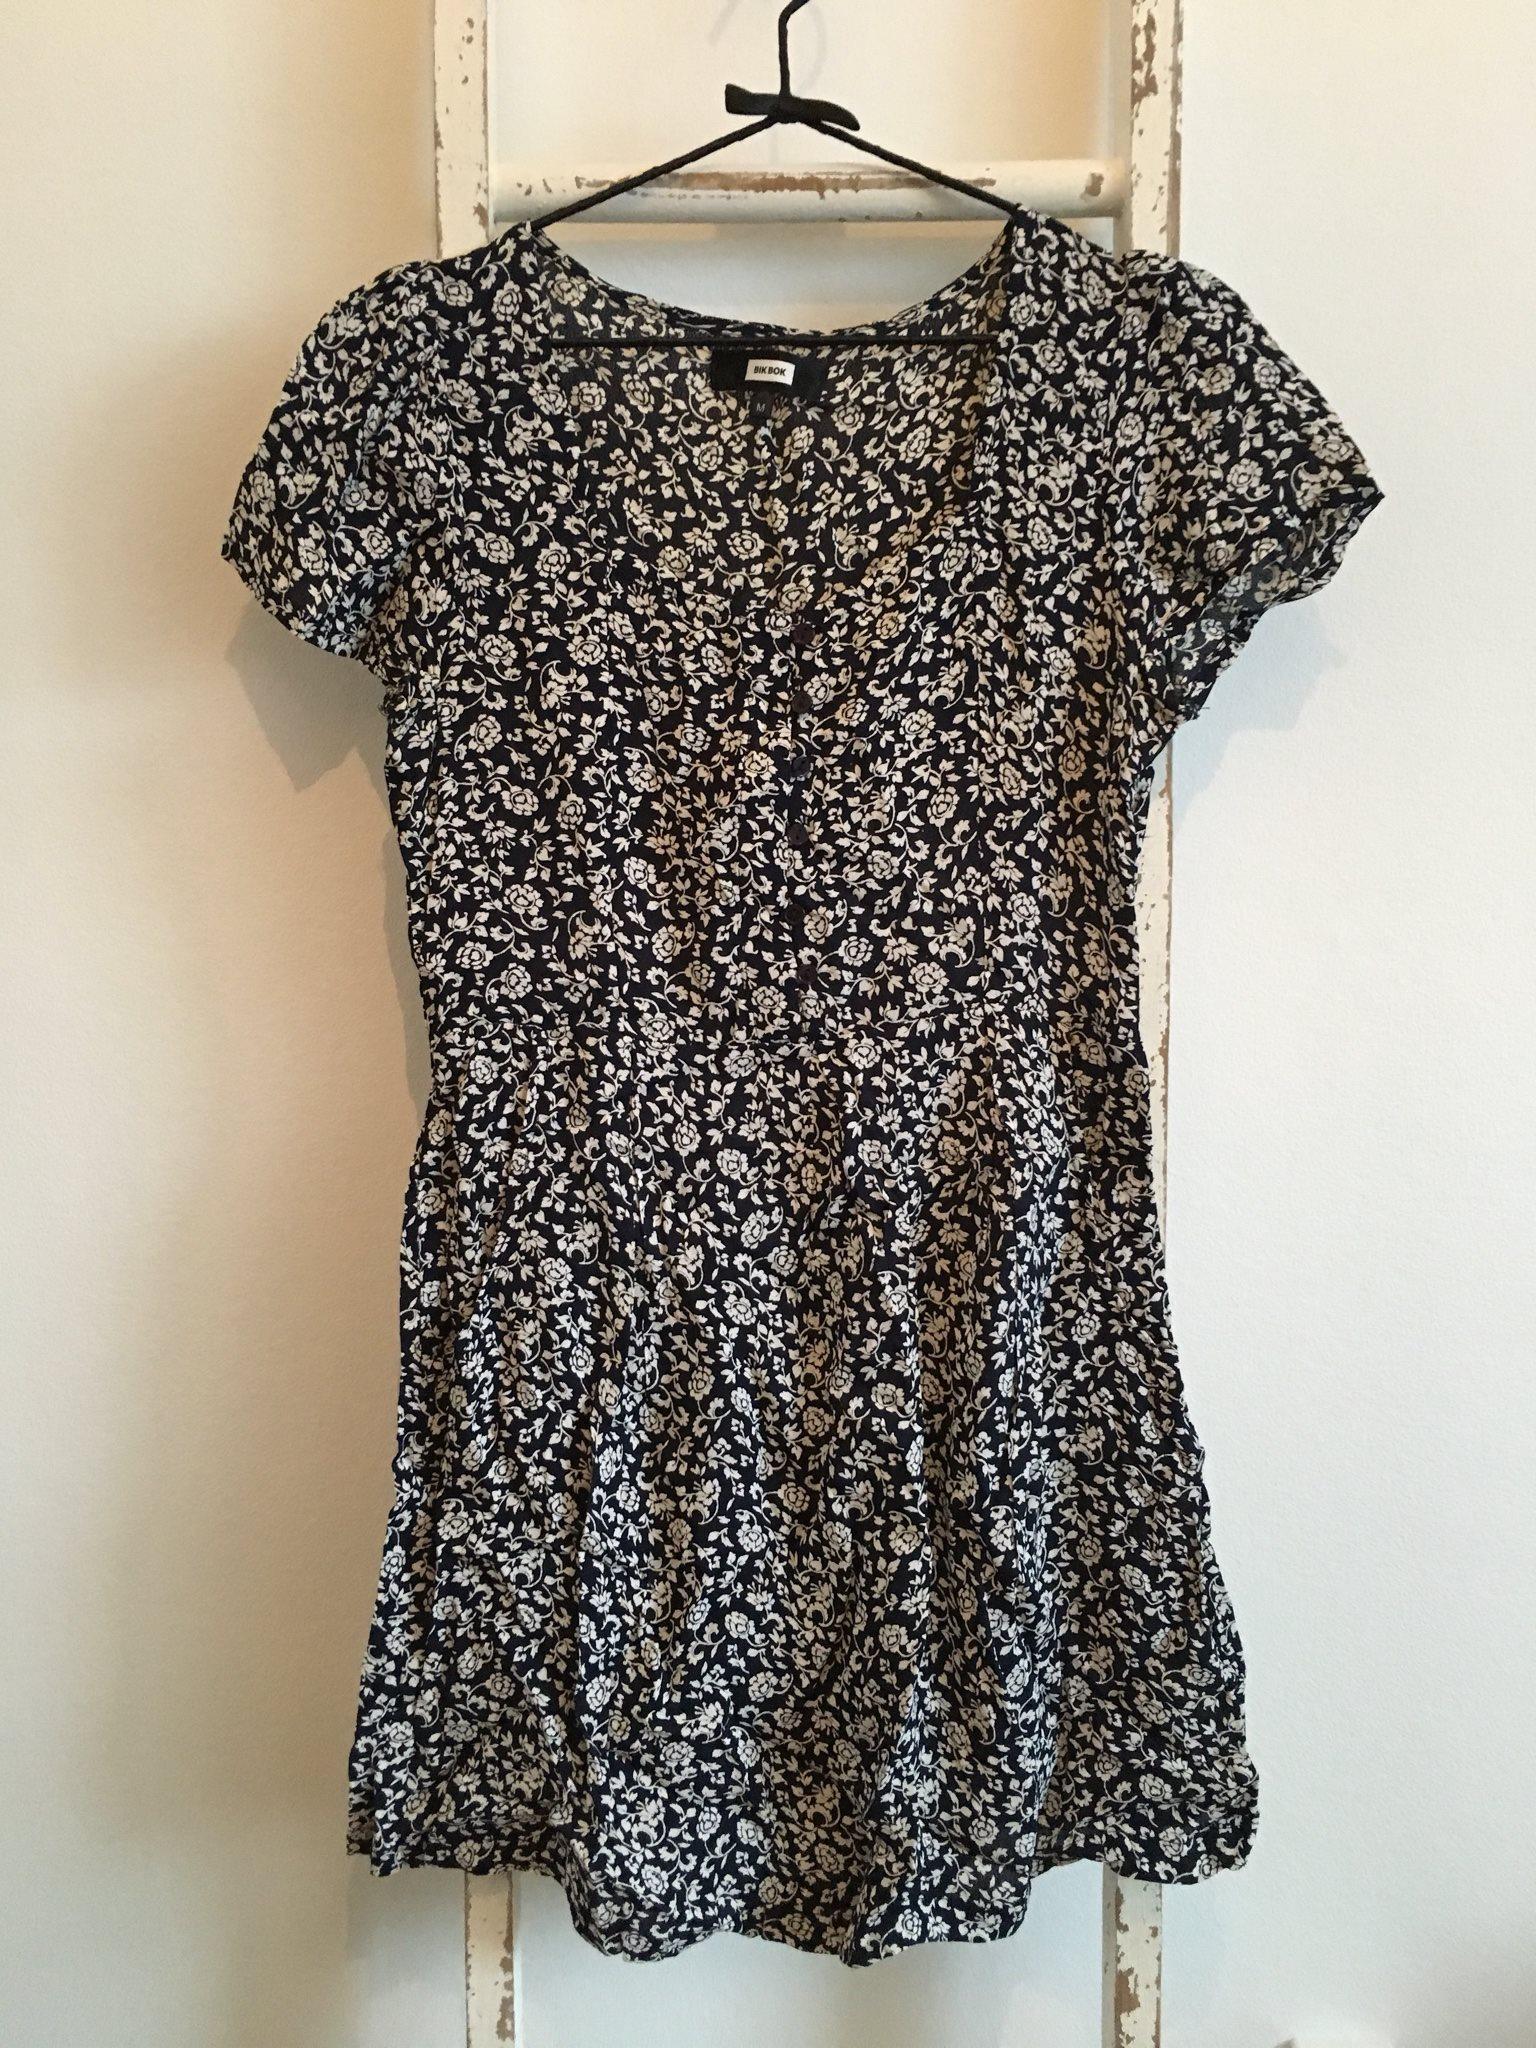 Mörkblå Vit blommig klänning med knappar framti.. (338577589) ᐈ Köp ... c08701c3d0967